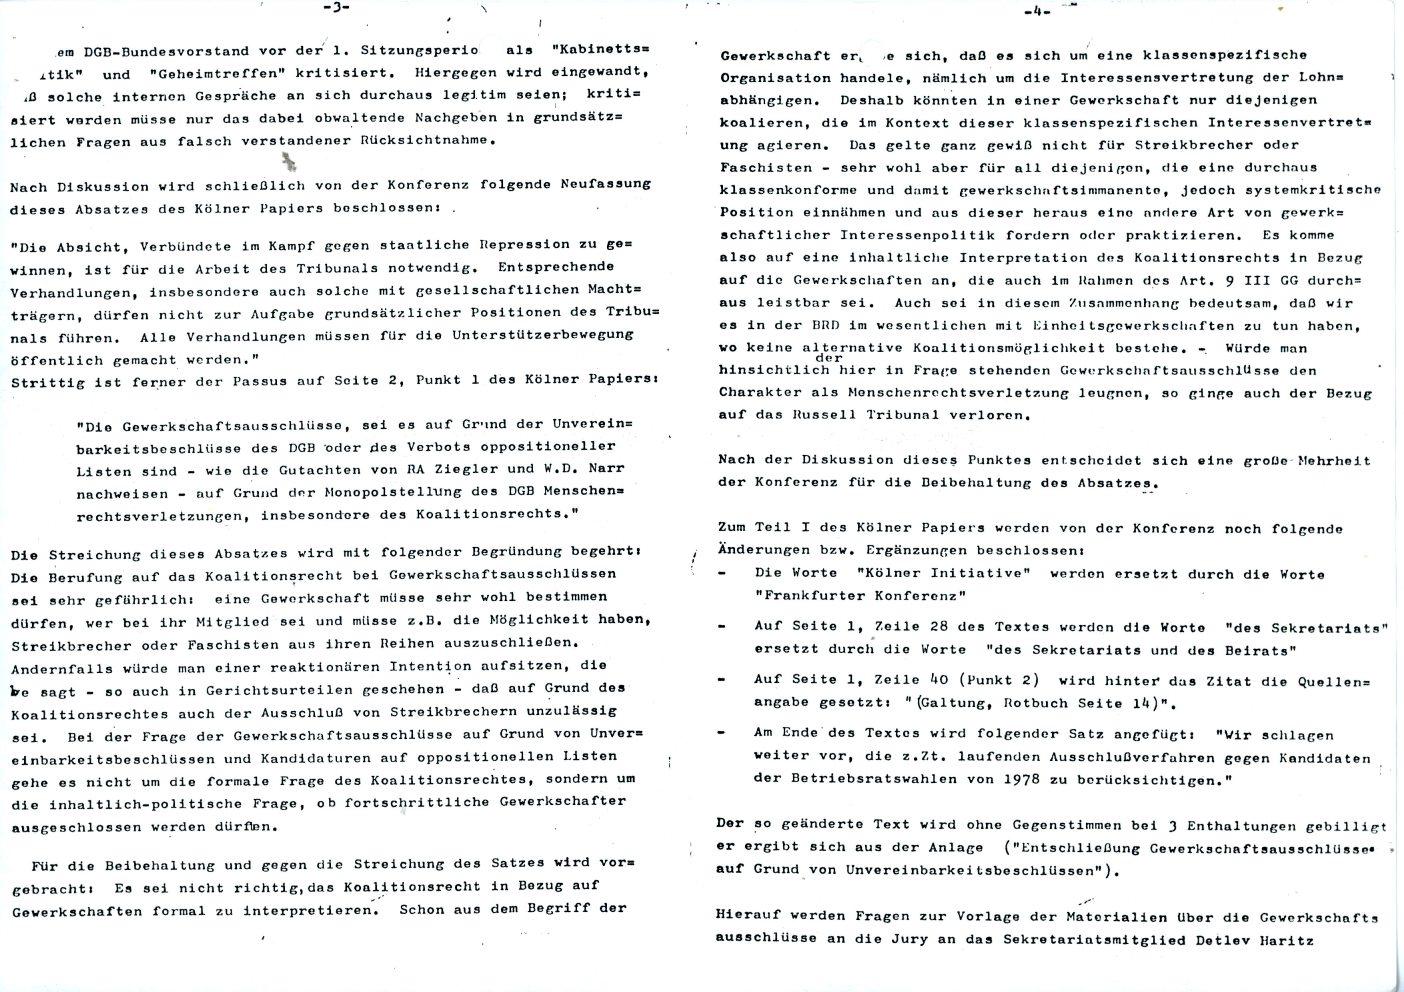 Frankfurt_Konferenz_der_Russell_Unterstuetzungsgruppen_19780624_02